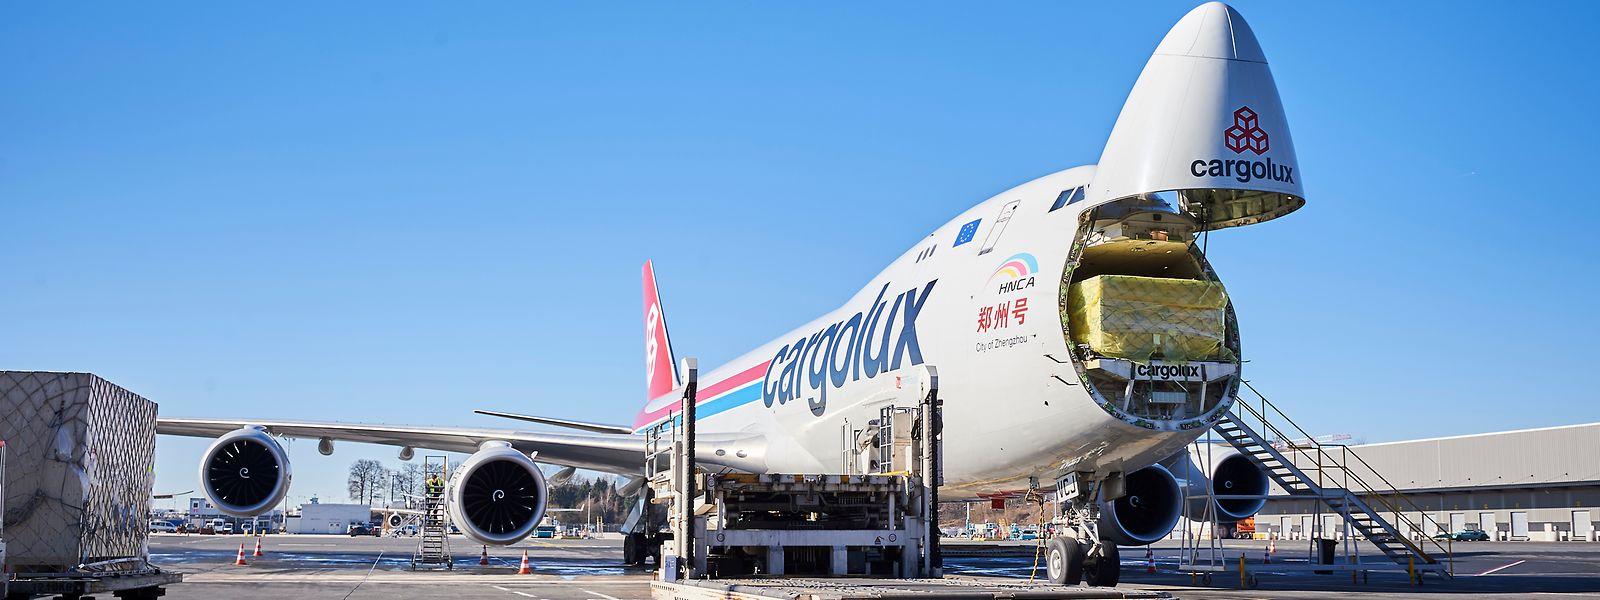 Non pas un, mais deux accords ont été signés ce lundi 5 août par la direction de Cargolux et les deux syndicats luxembourgeois que sont le LCGB et l'OGBL.